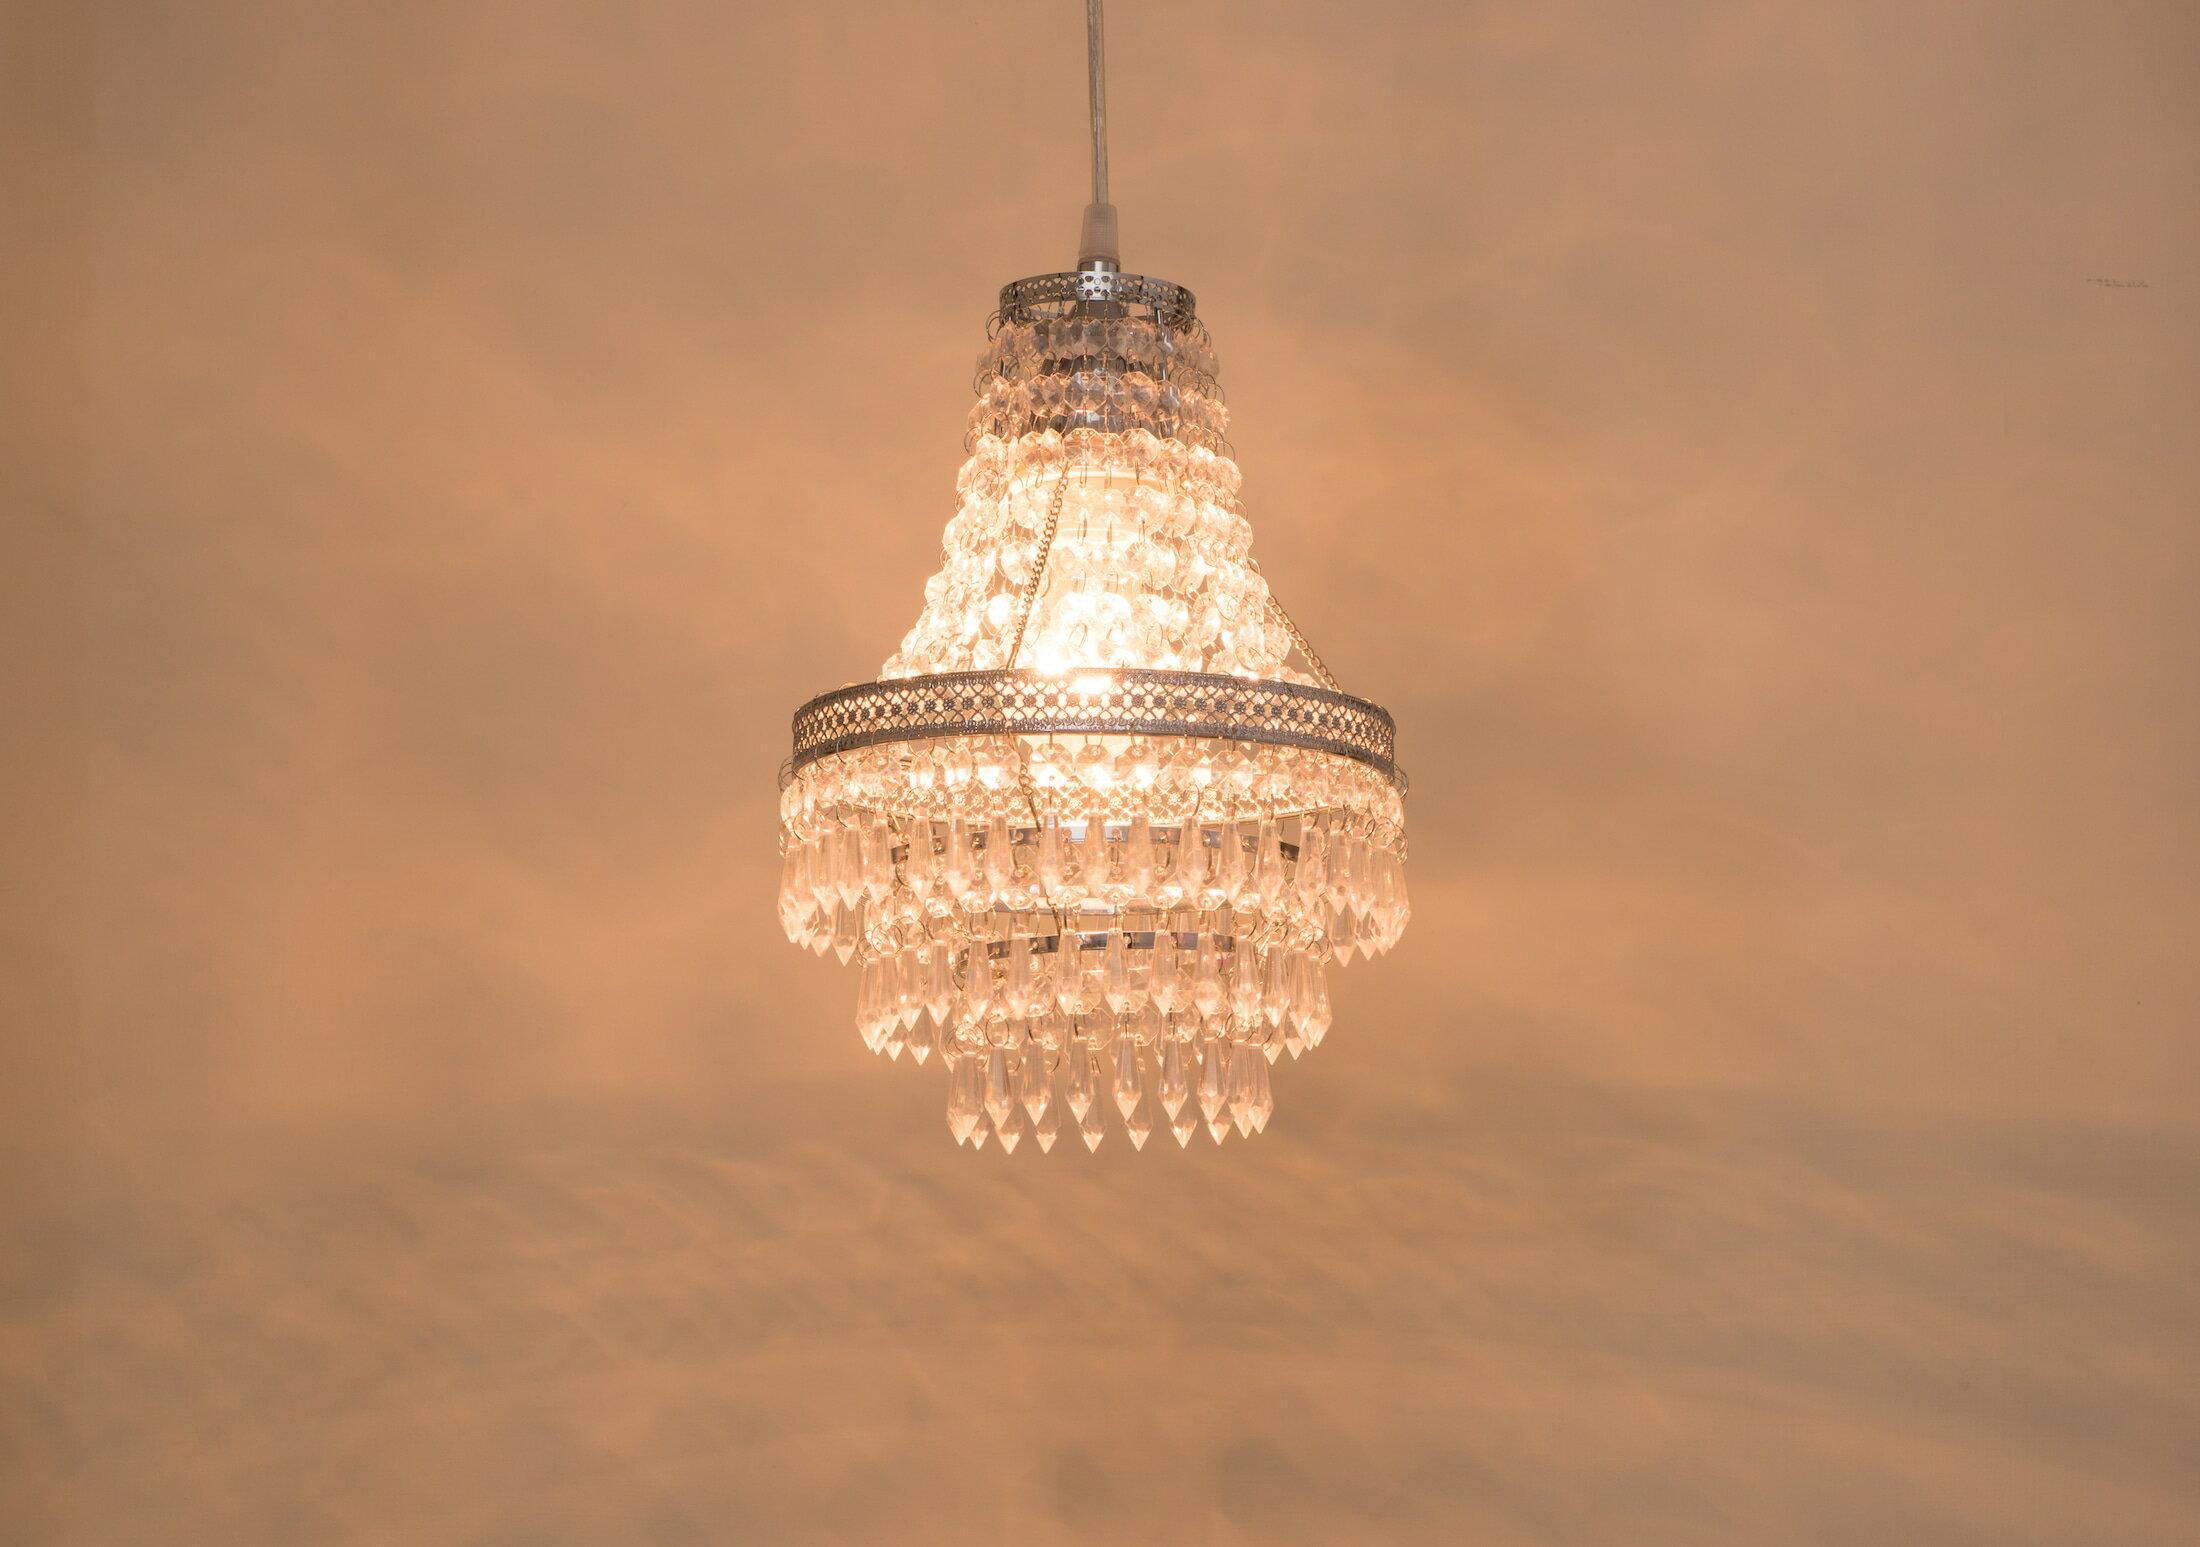 鍍鉻色華麗透明壓克力珠吊燈-BNL00022 4